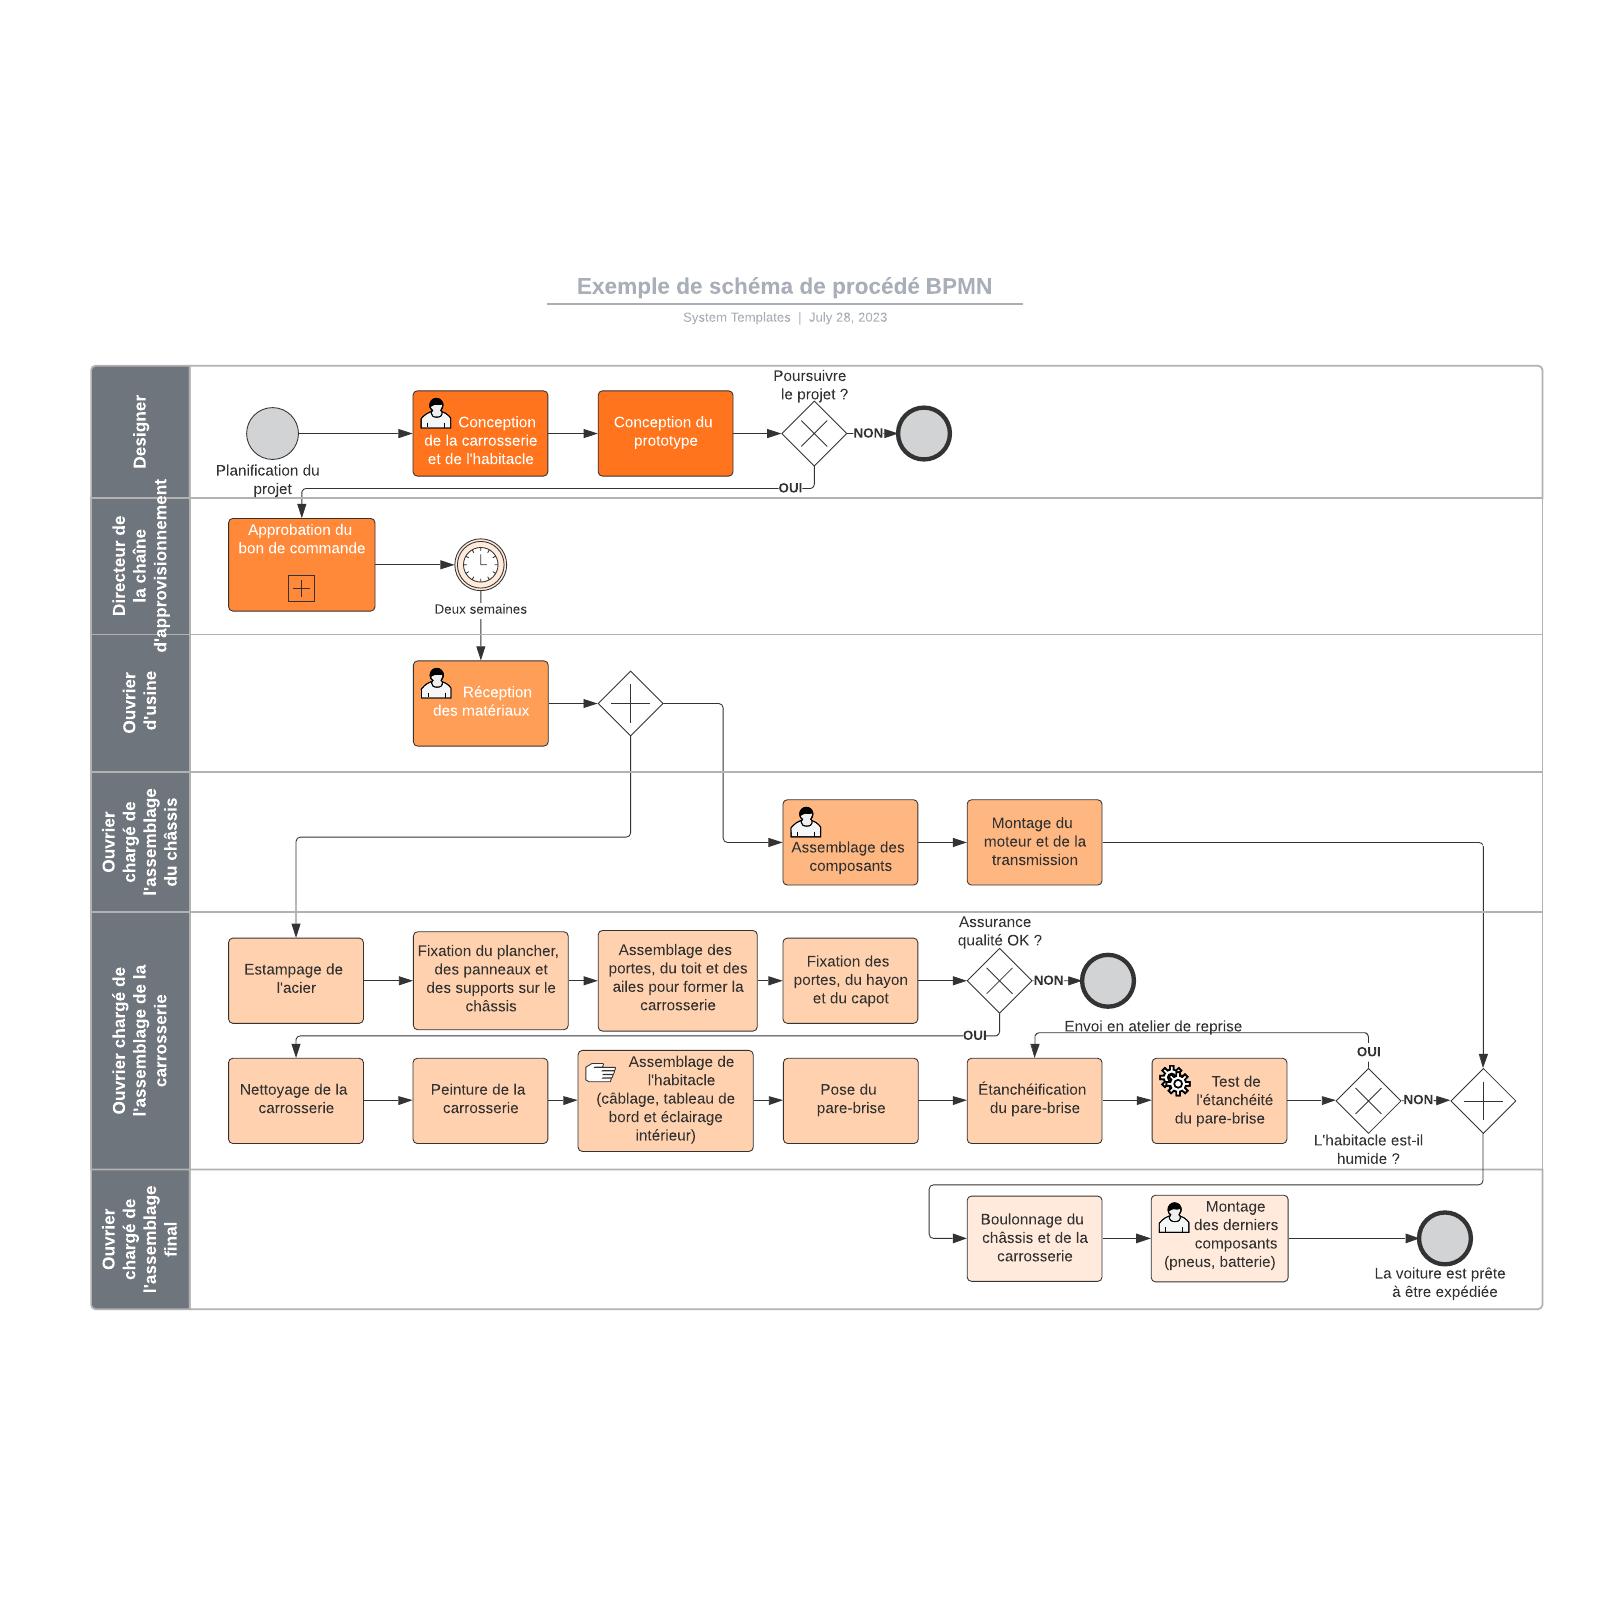 exemple de schéma de procédé BPMN